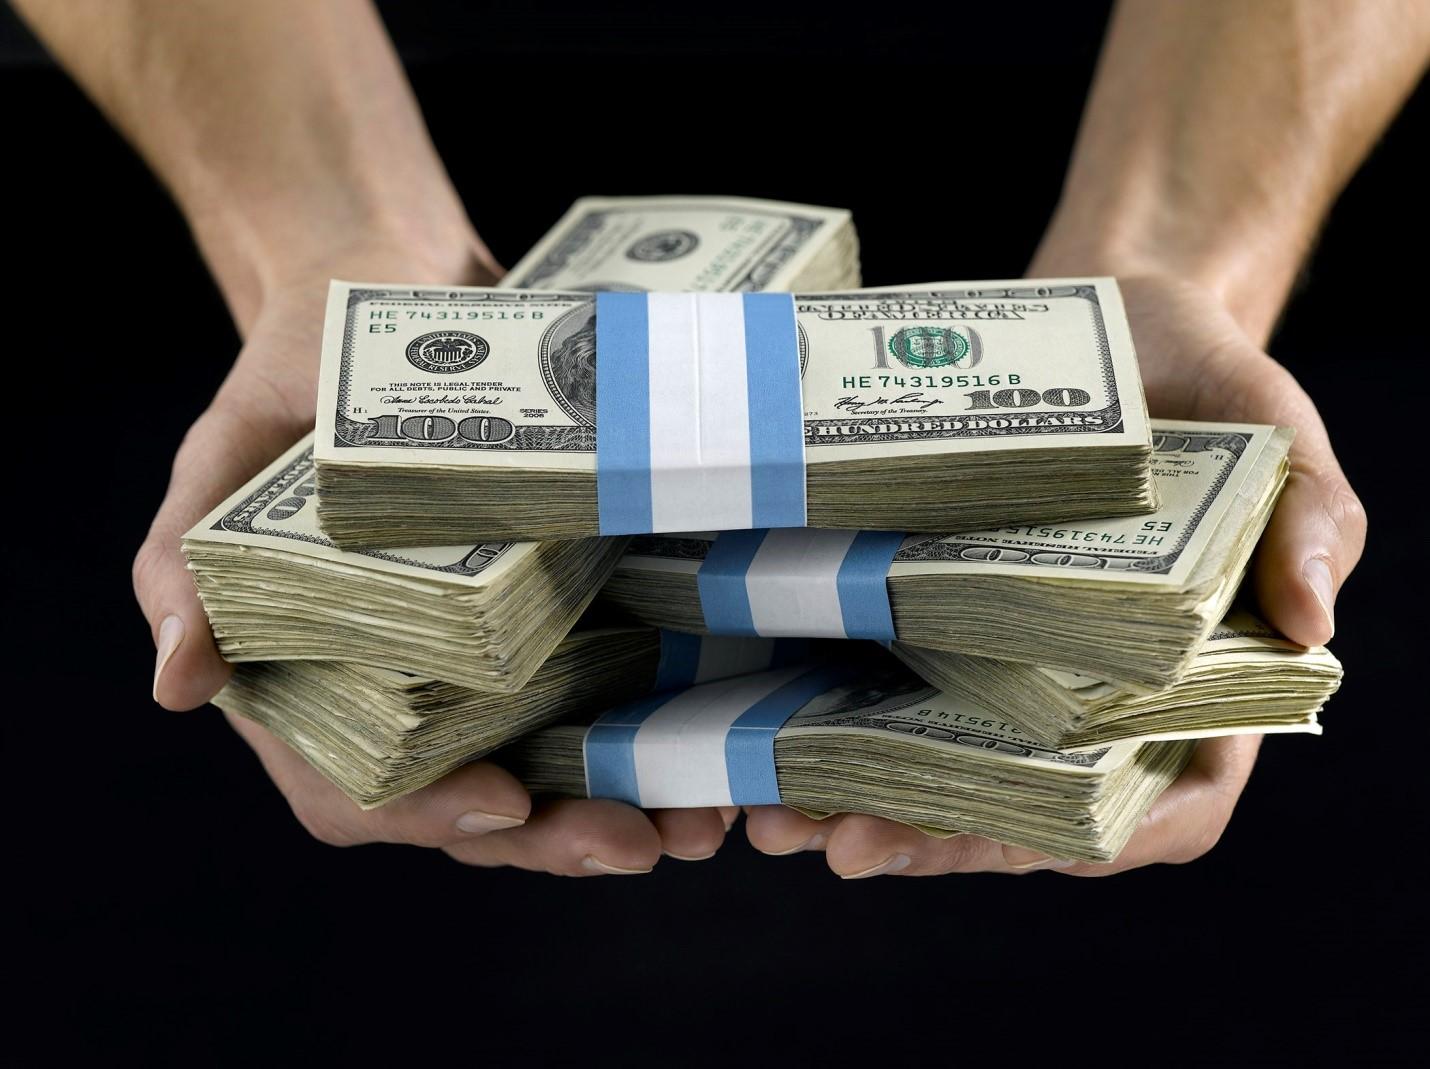 Совестливые люди: 7 людей, которые нашли и вернули большие суммы денег